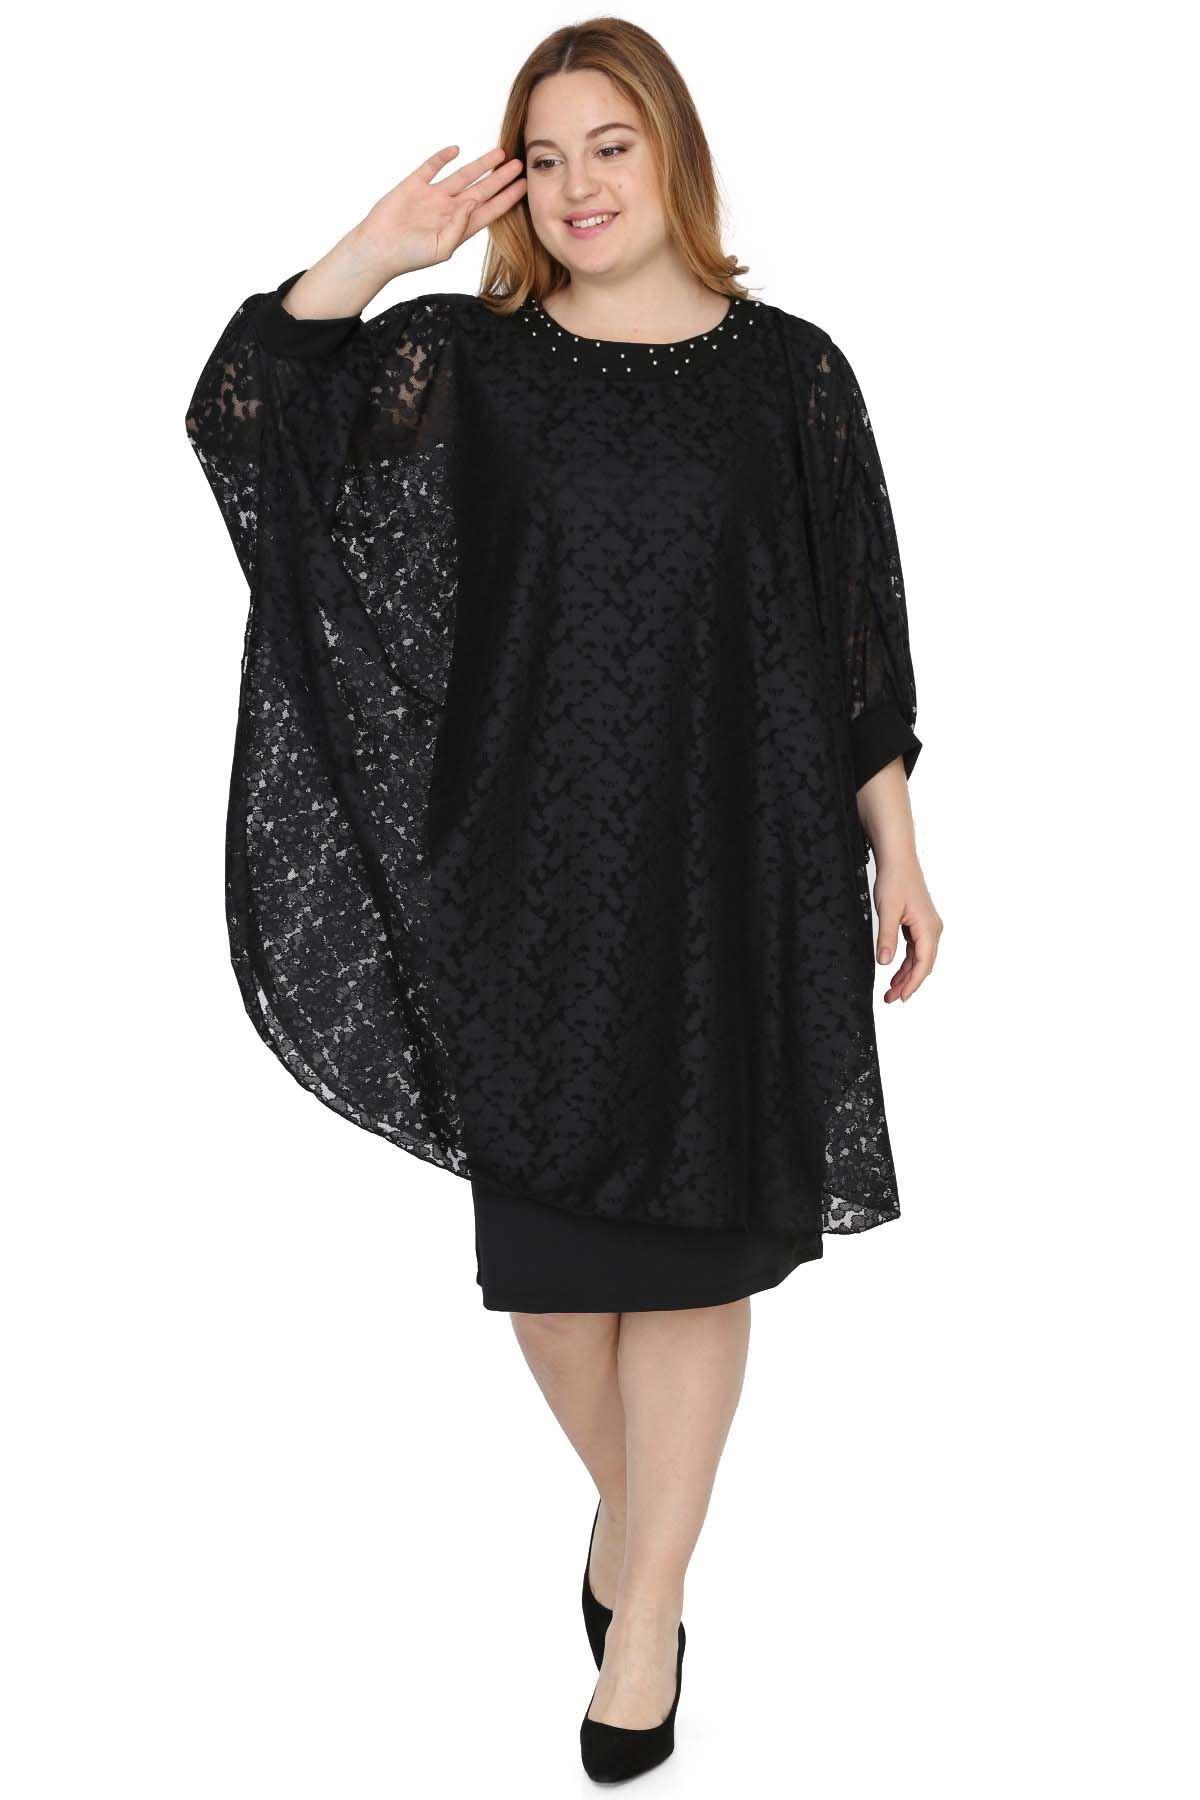 Dantel Abiye Siyah Elbise 6B-0524